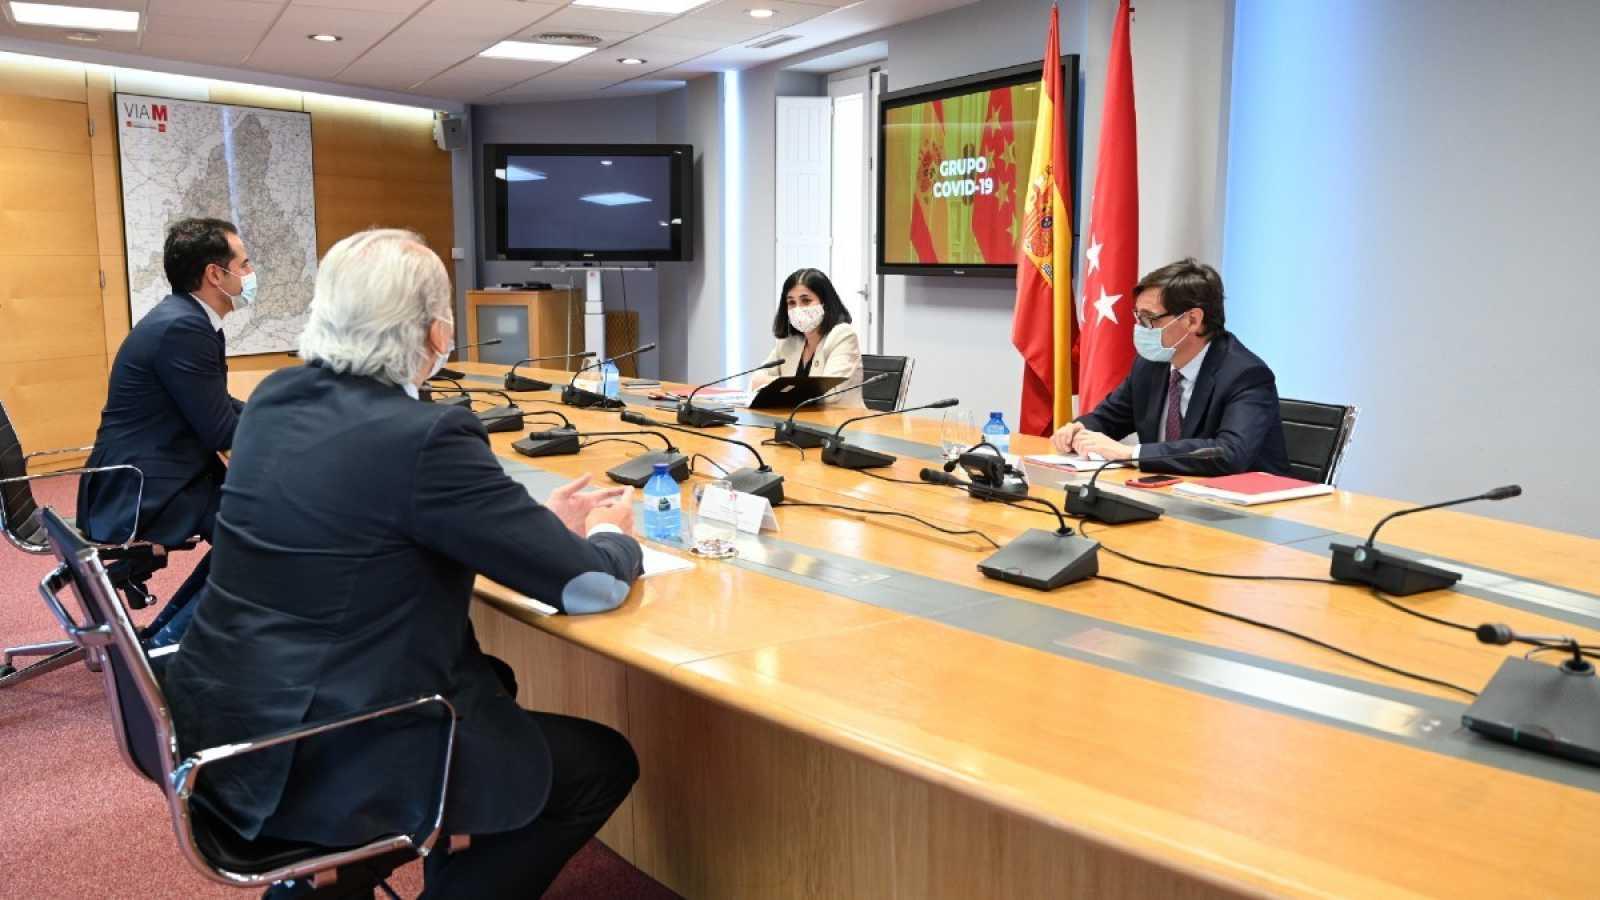 El ministro de Sanidad, Salvador Illa, y la ministra de Política Territorial, Carolina Darias, se han reunido con el vicepresidente madrileño, Ignacio Aguado, y el consejero de Sanidad, Enrique Ruiz Escudero, en la primera reunión del Grupo COVID-19.